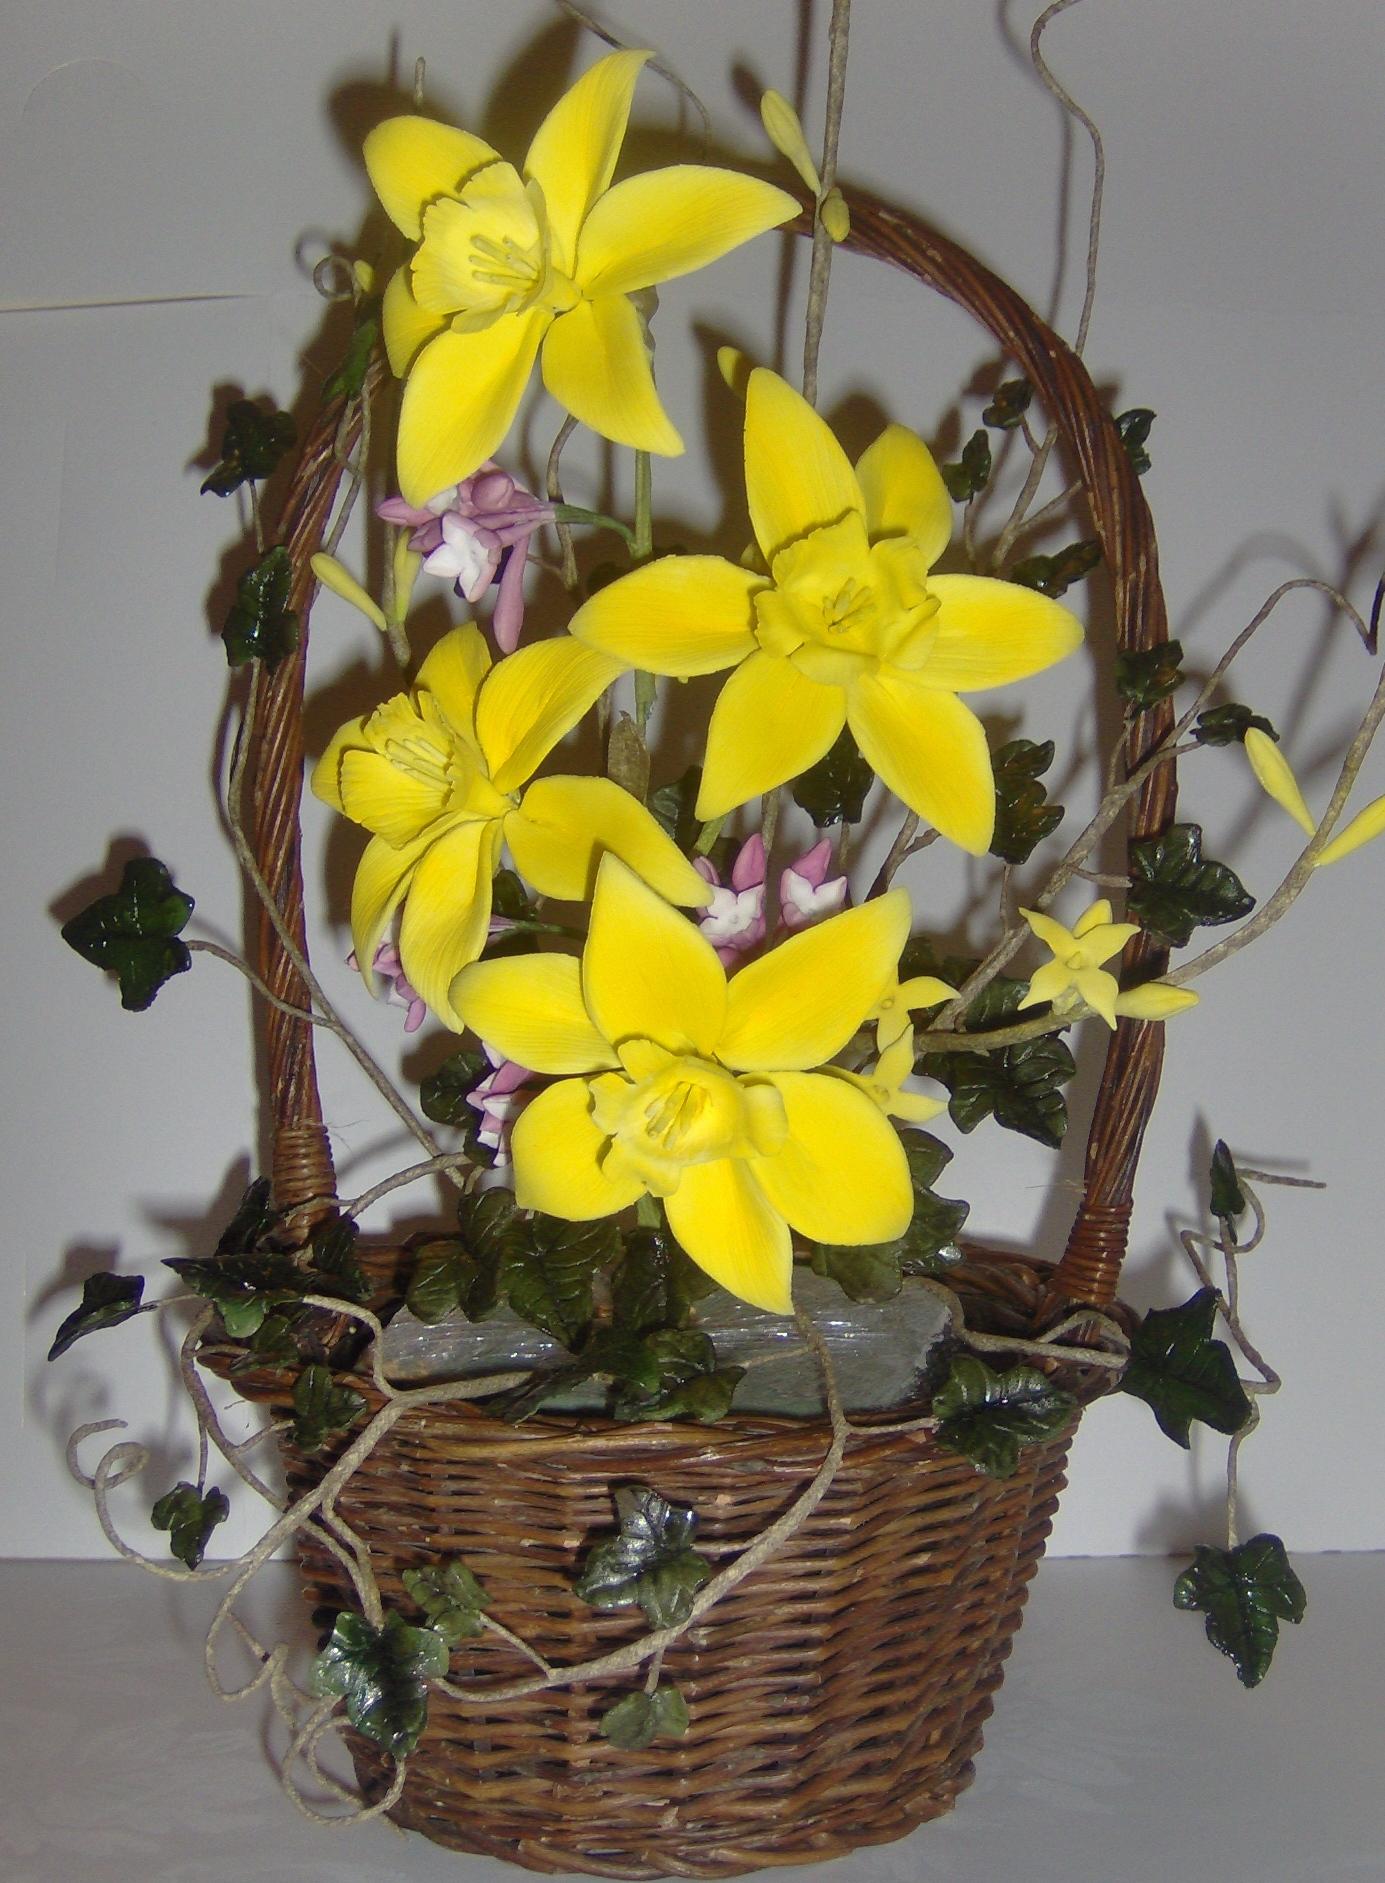 sugarcraft flowers for wedding cakes photo - 1